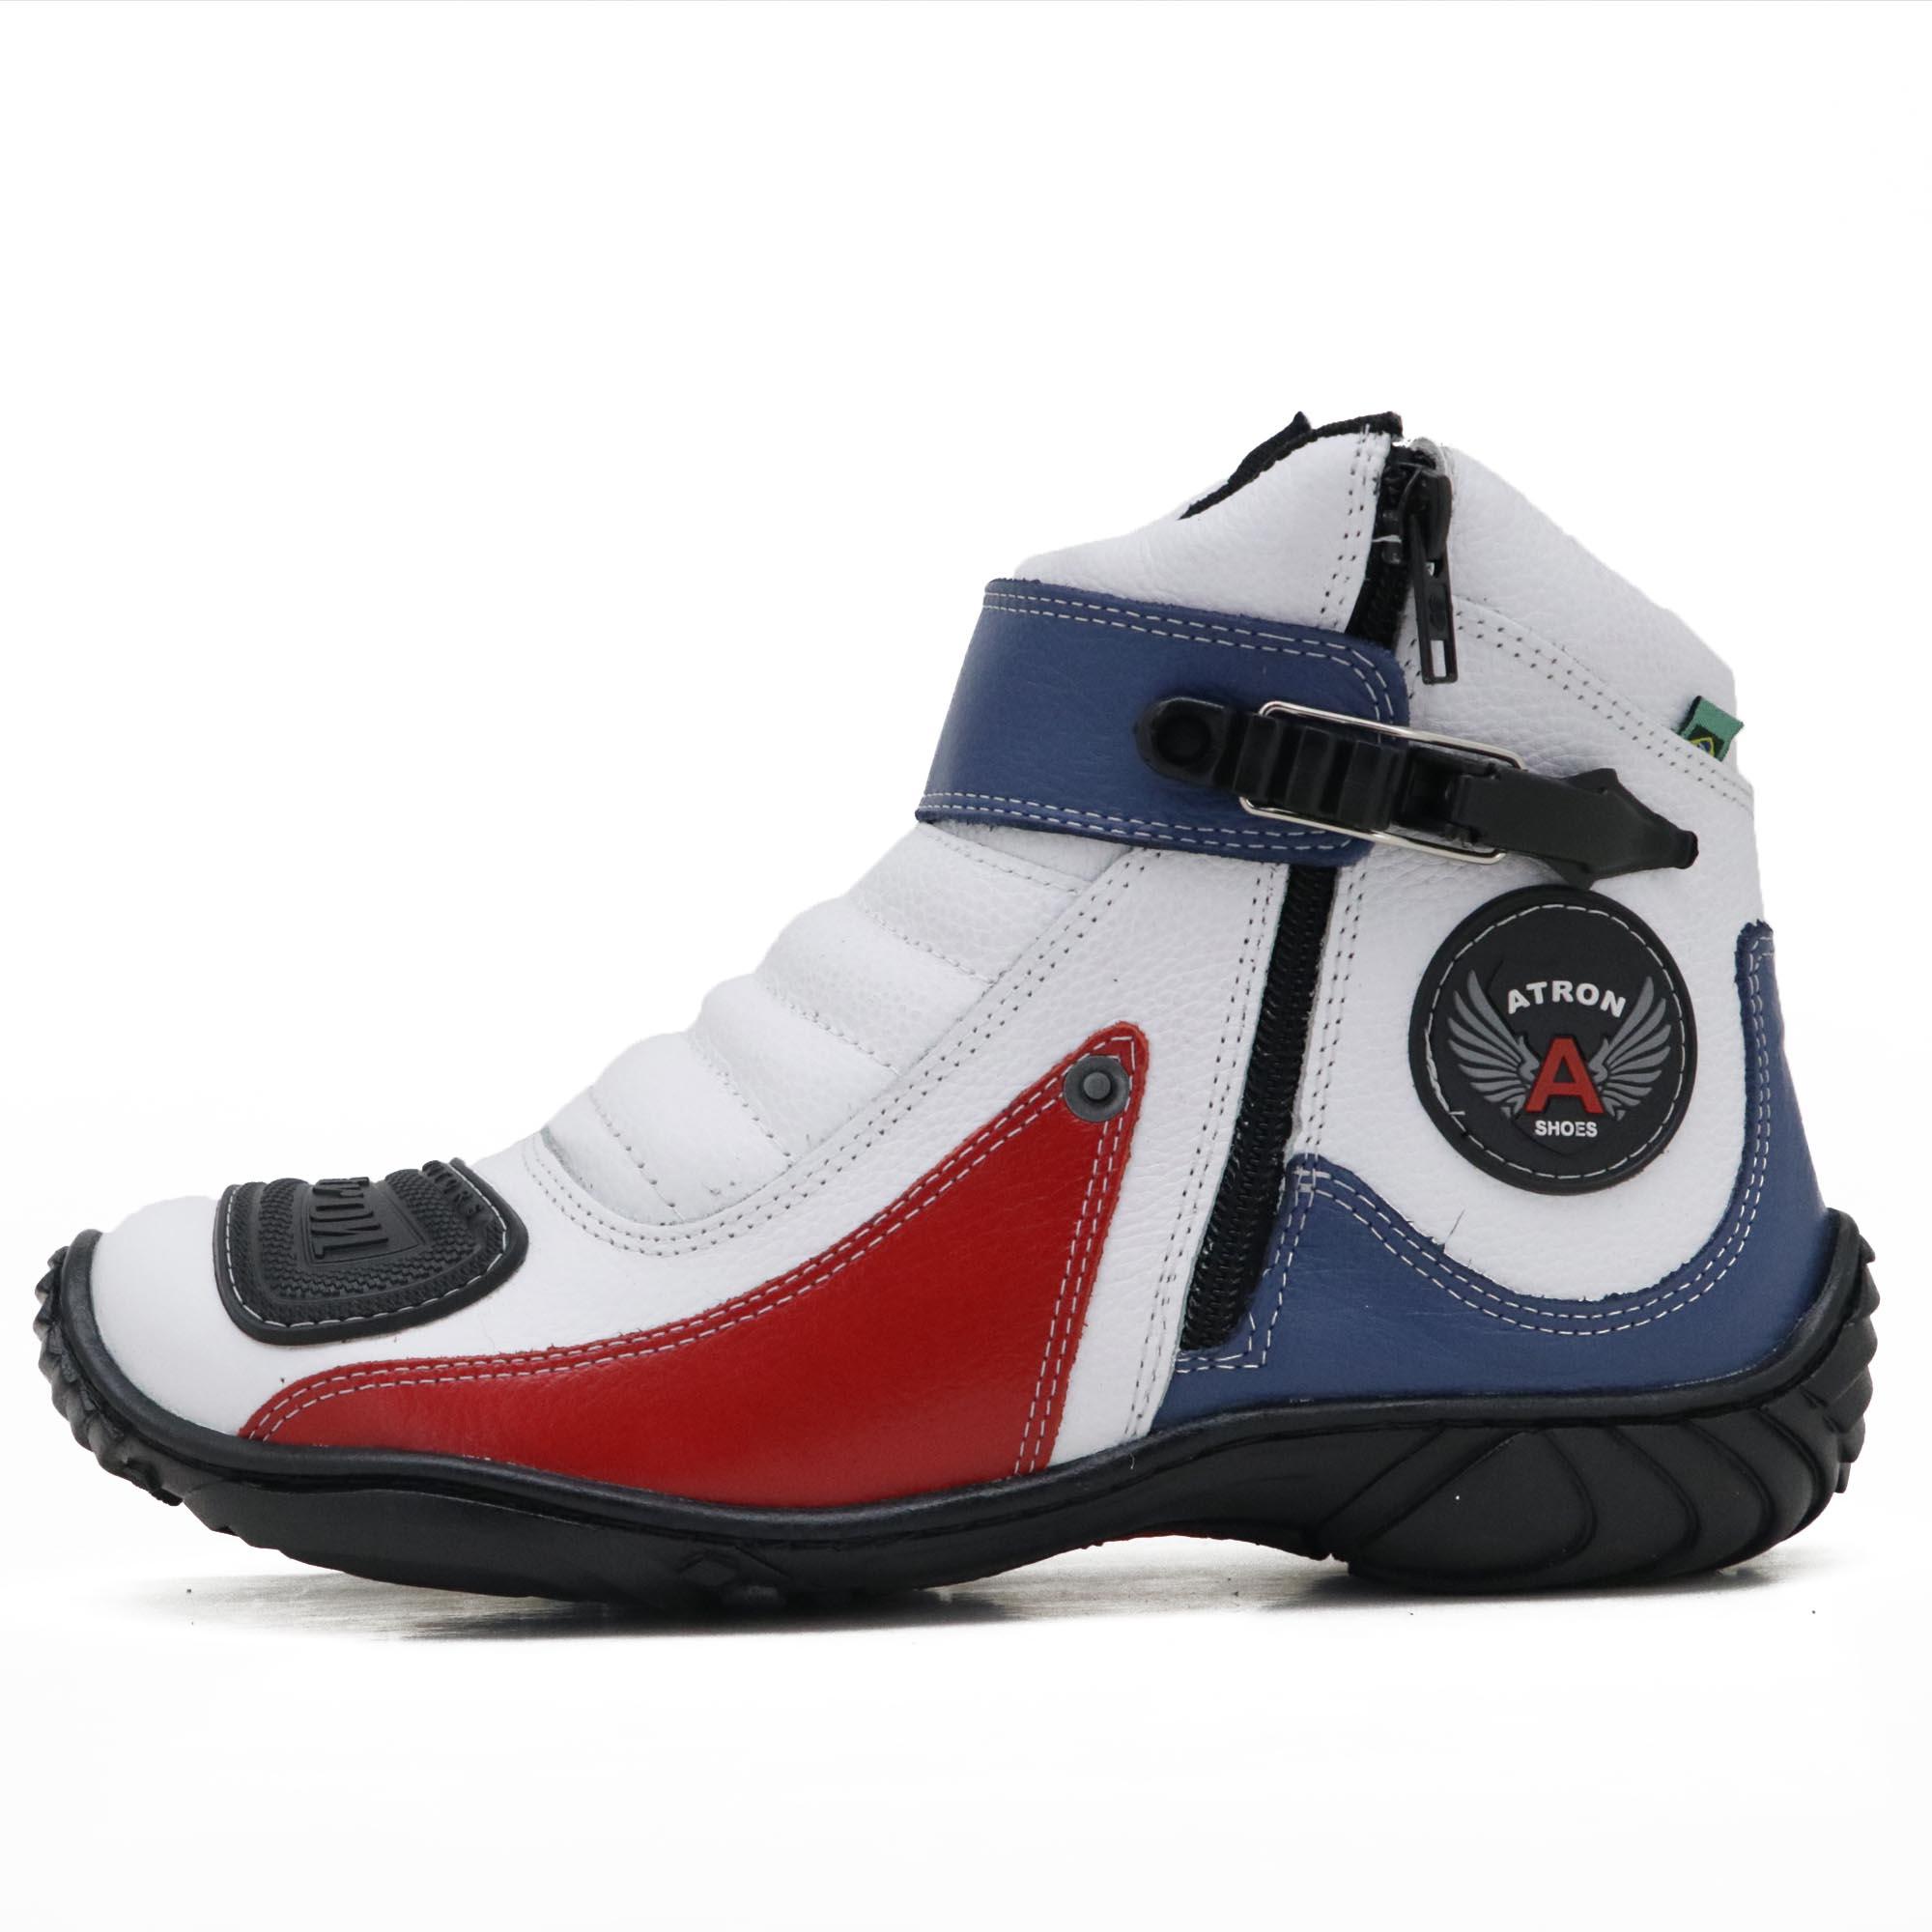 Bota motociclista Atron Shoes em couro legítimo nas cores branco azul e vermelho 271